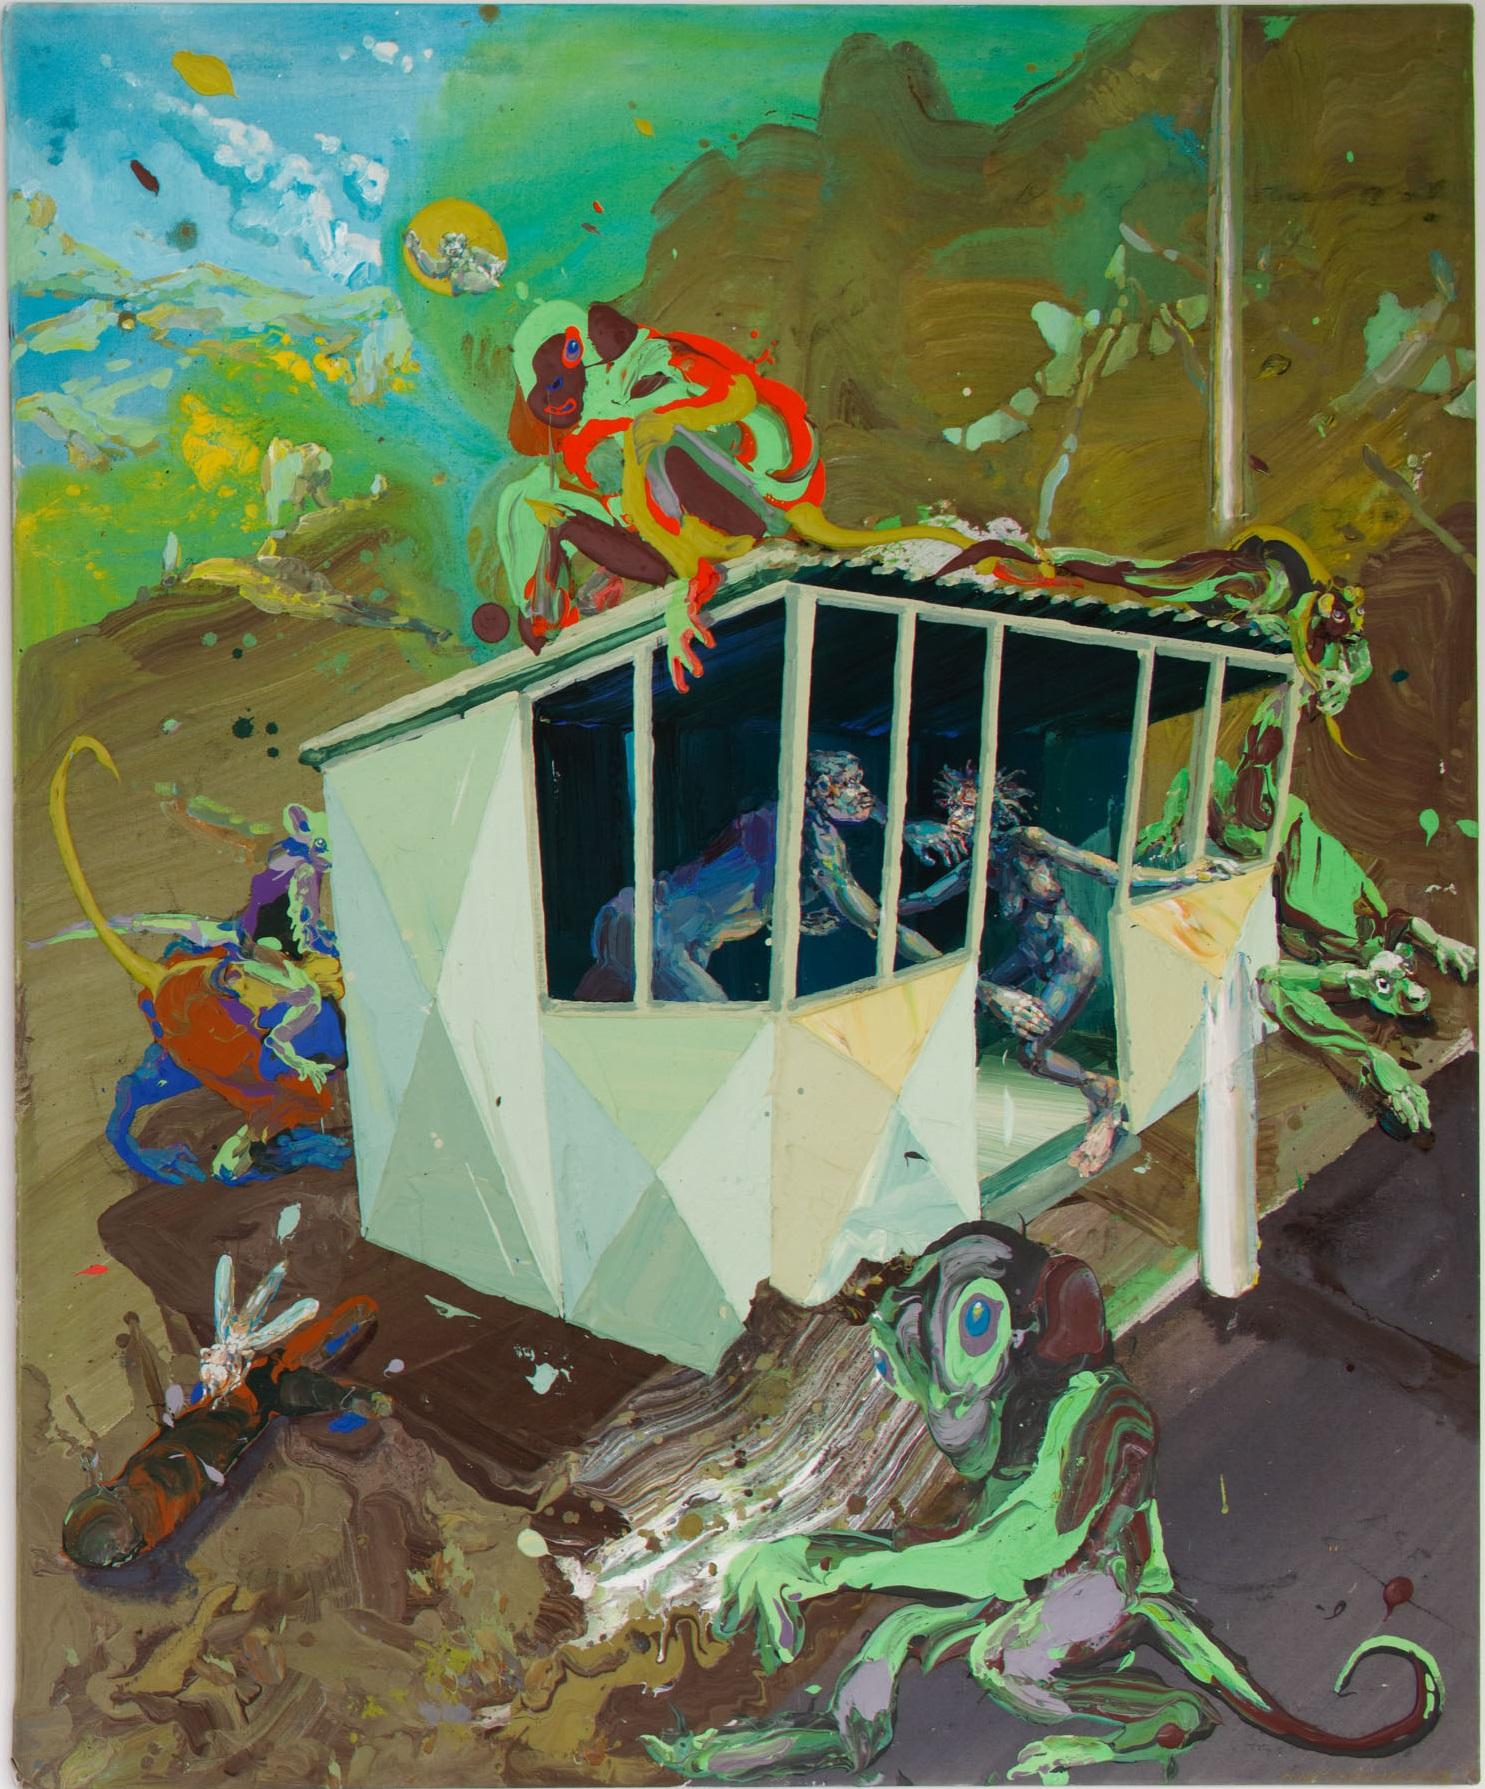 Michael Rittstein, Čekárna na minulost (a Homidi), 2013, plátno, akryl, 180 x 150 cm